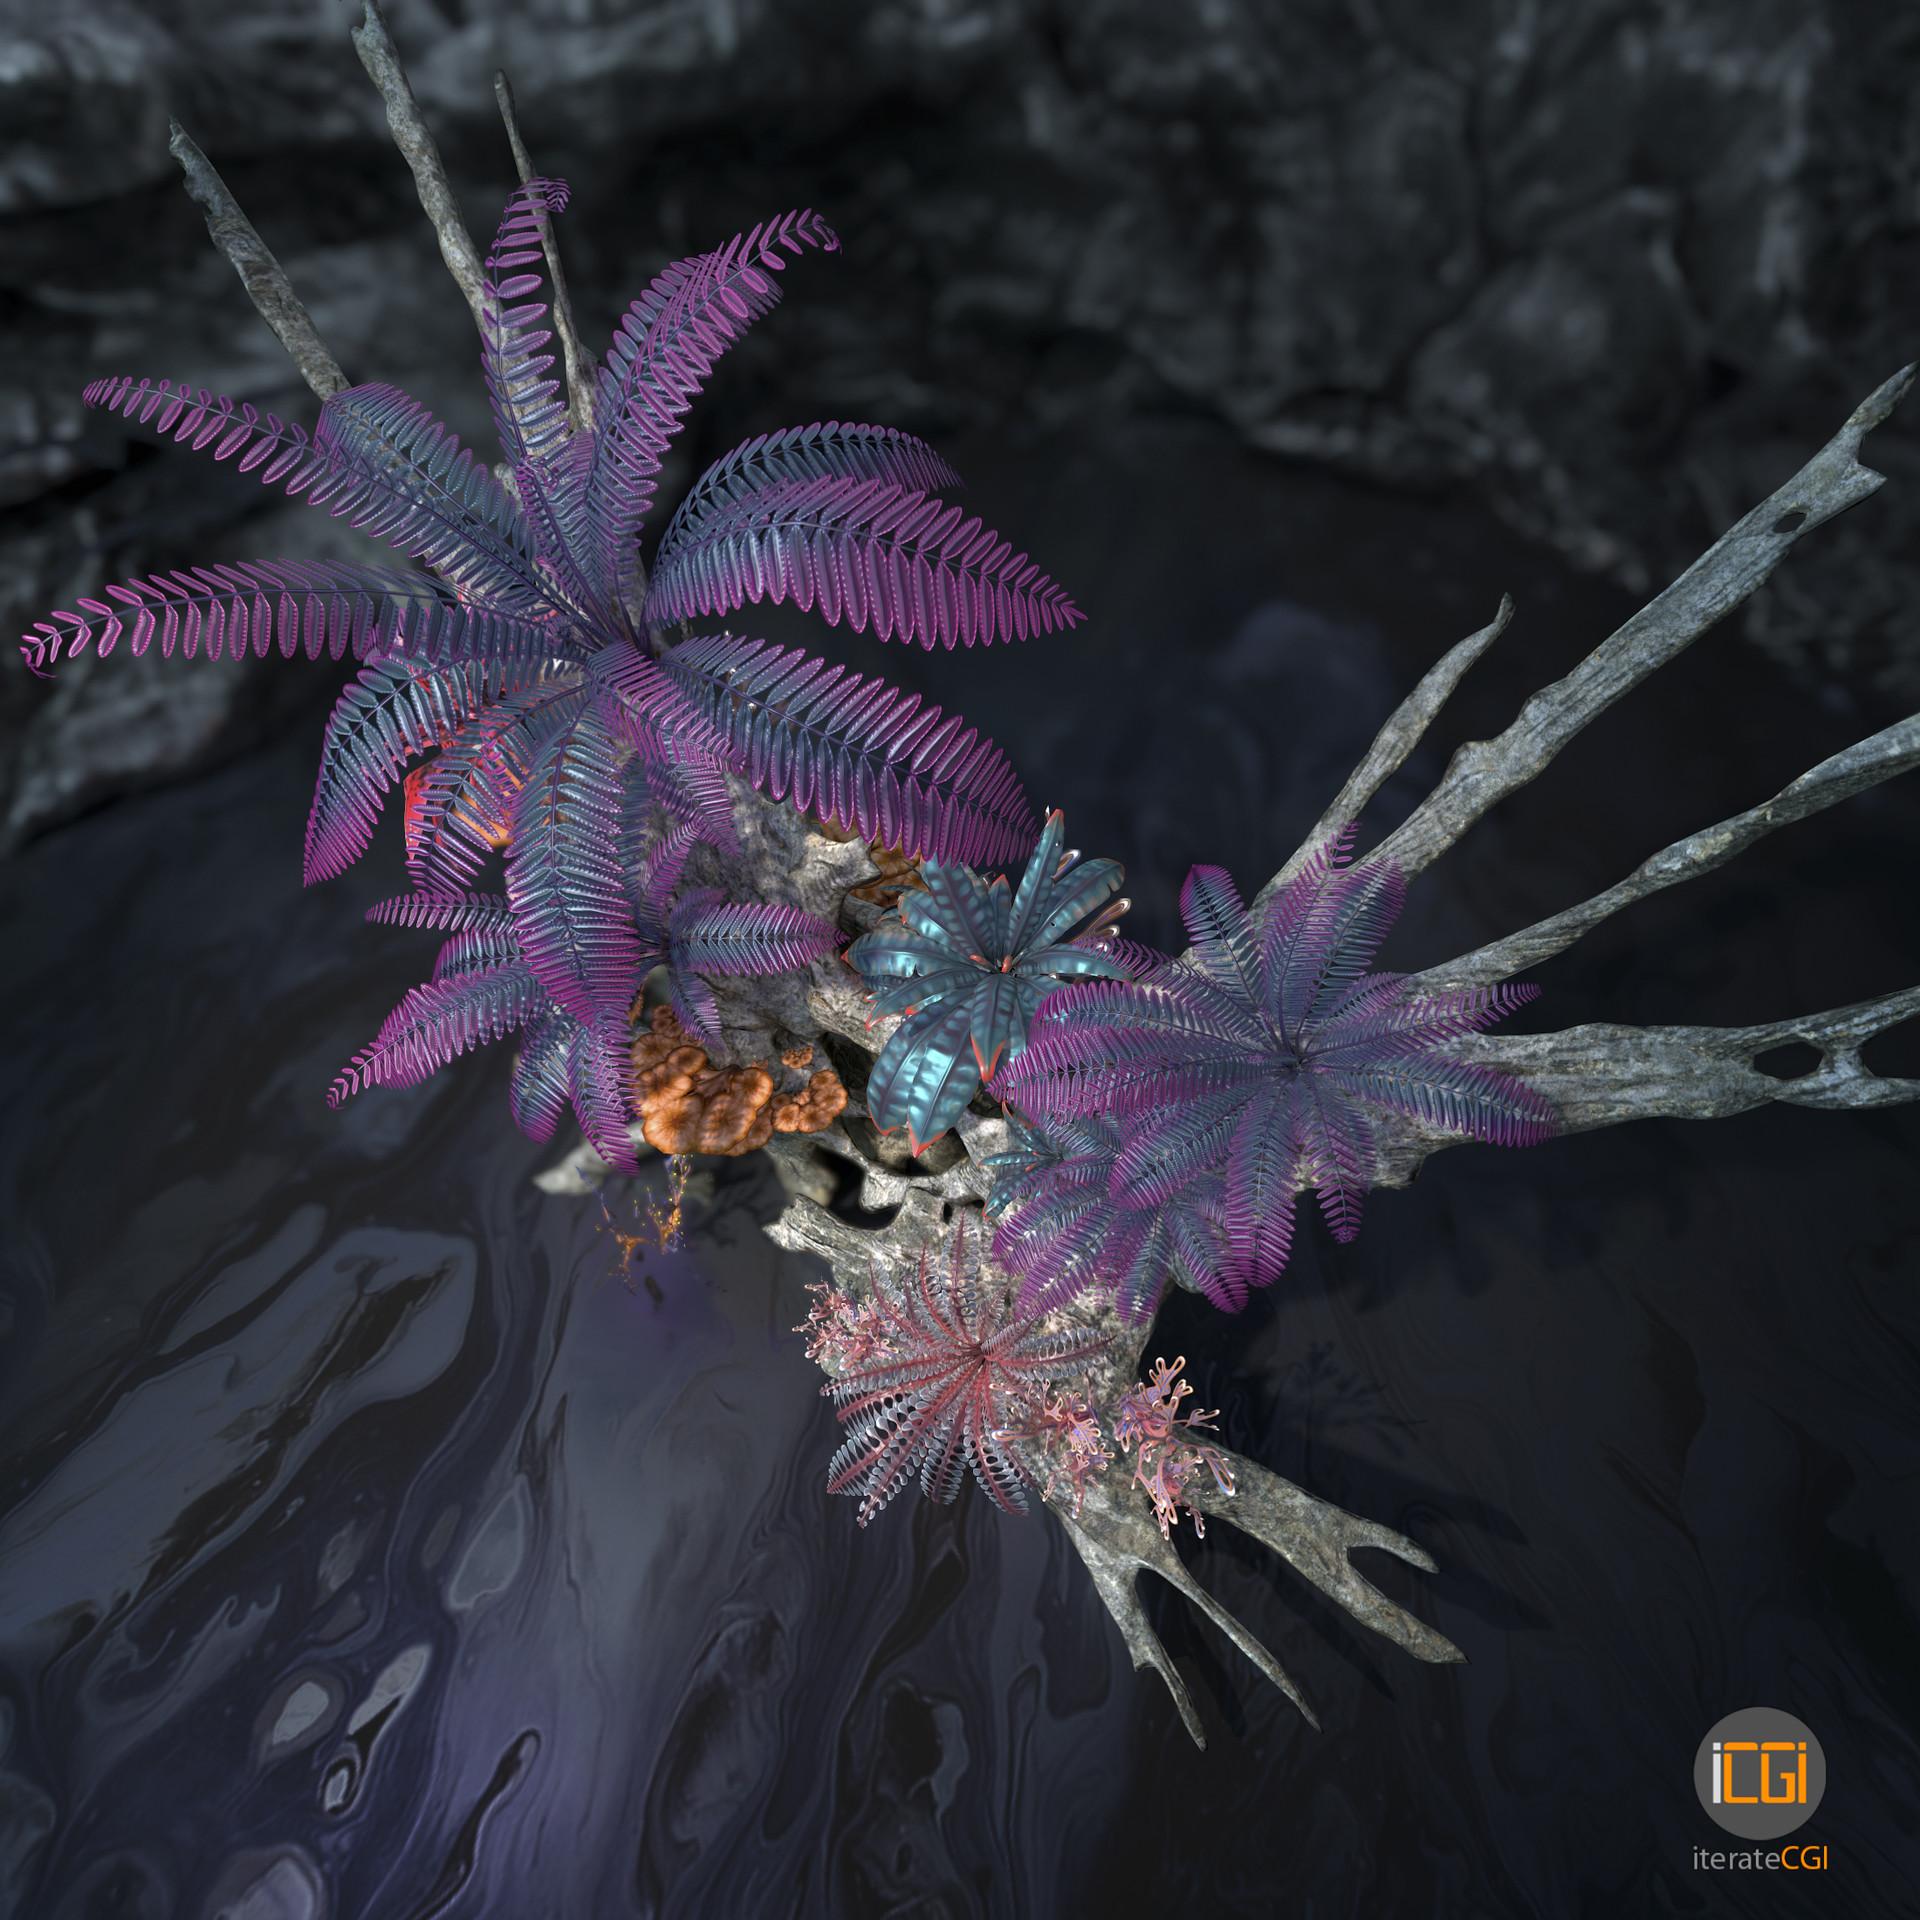 Johan de leenheer alien plant collection27